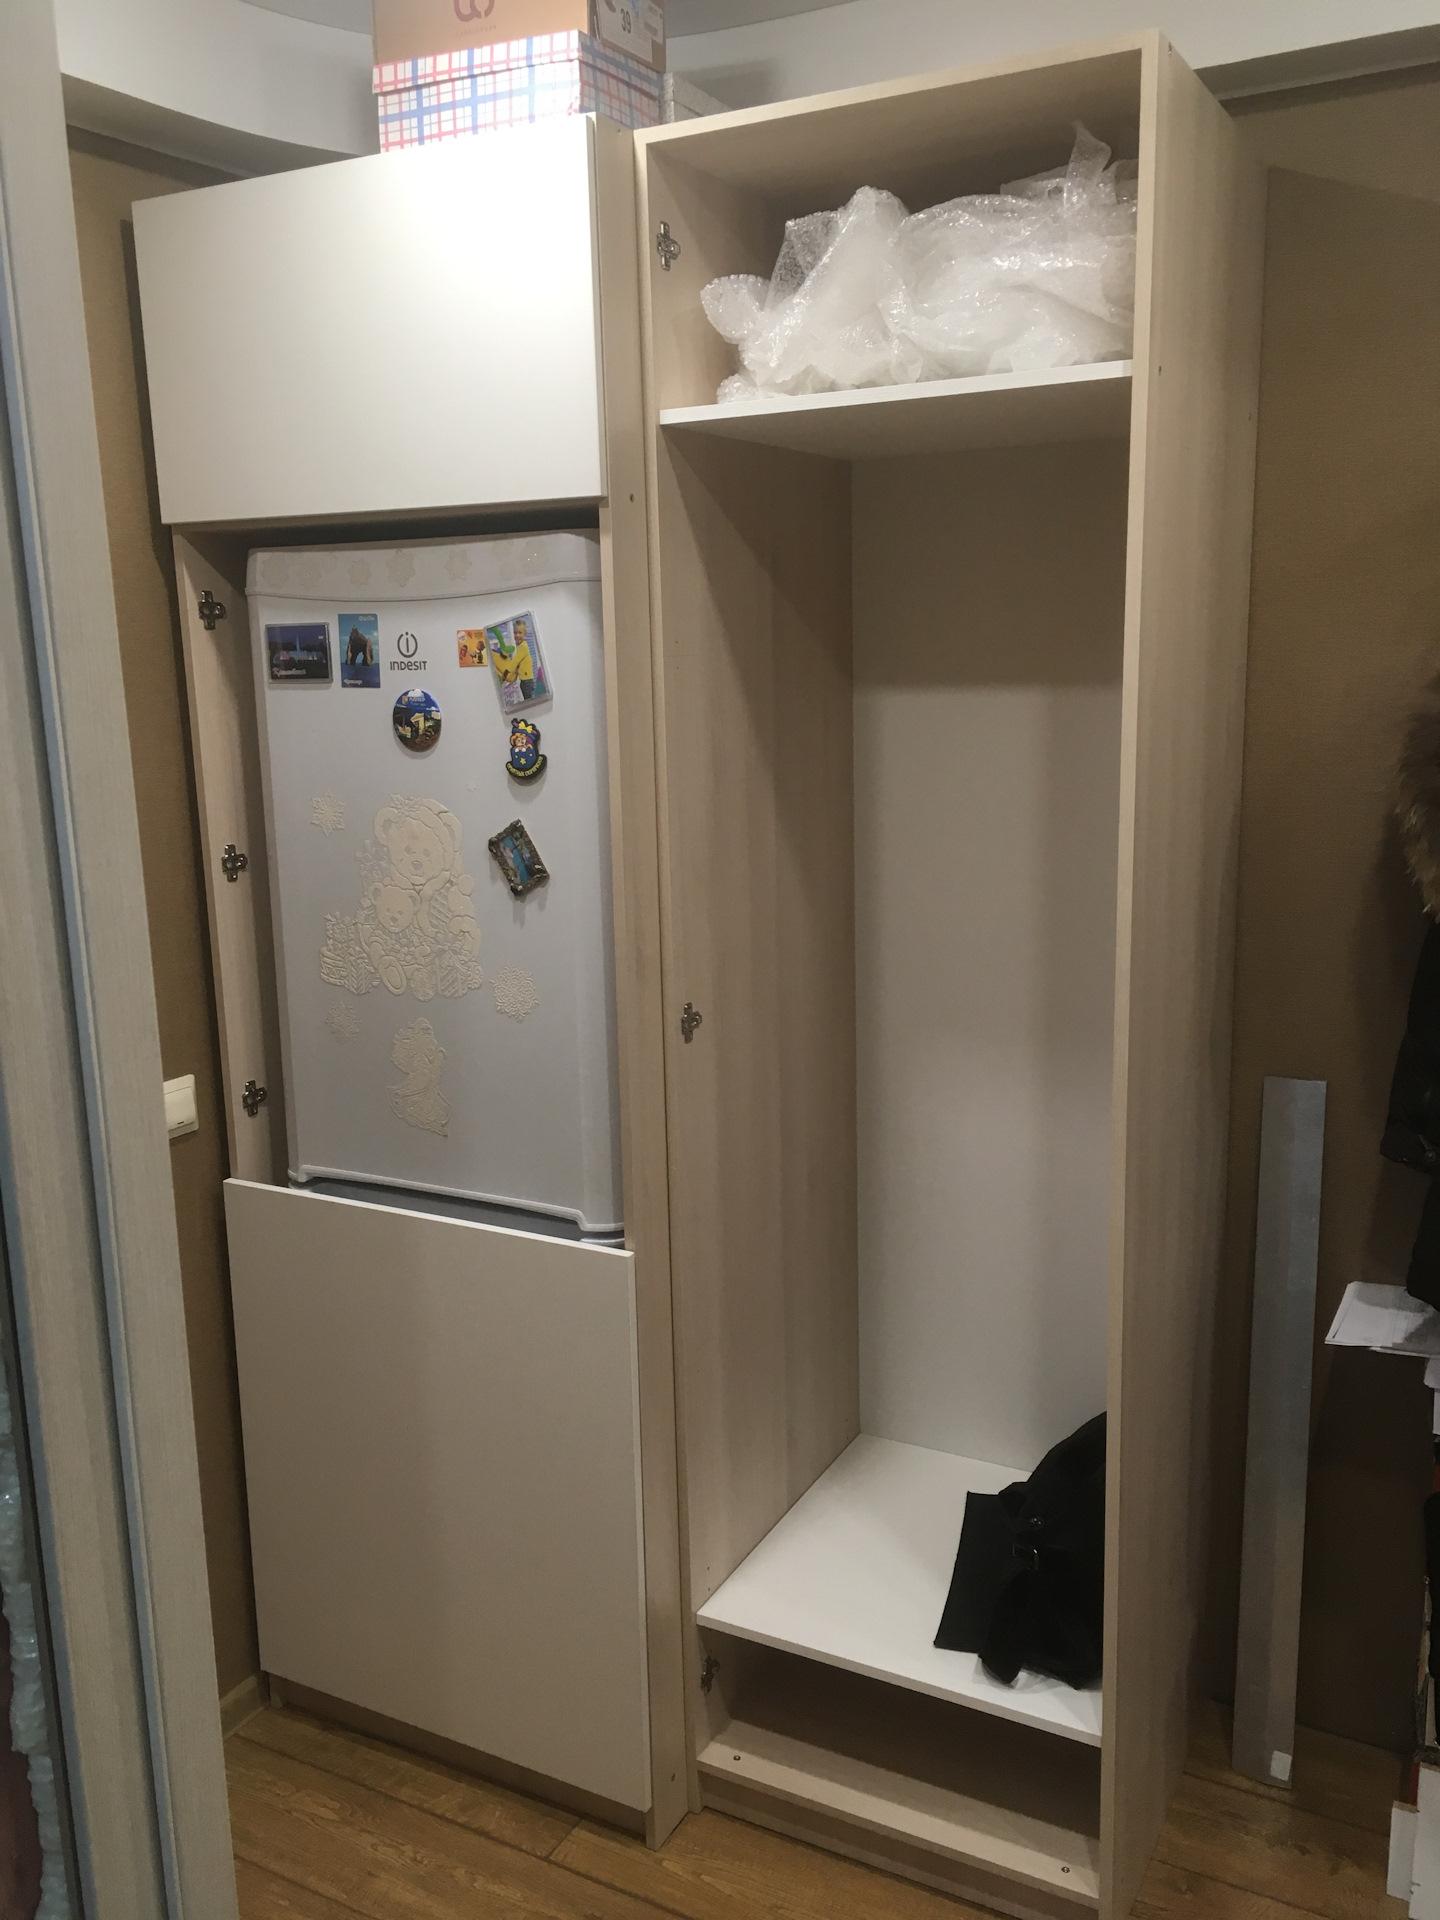 мини холодильник в прихожей